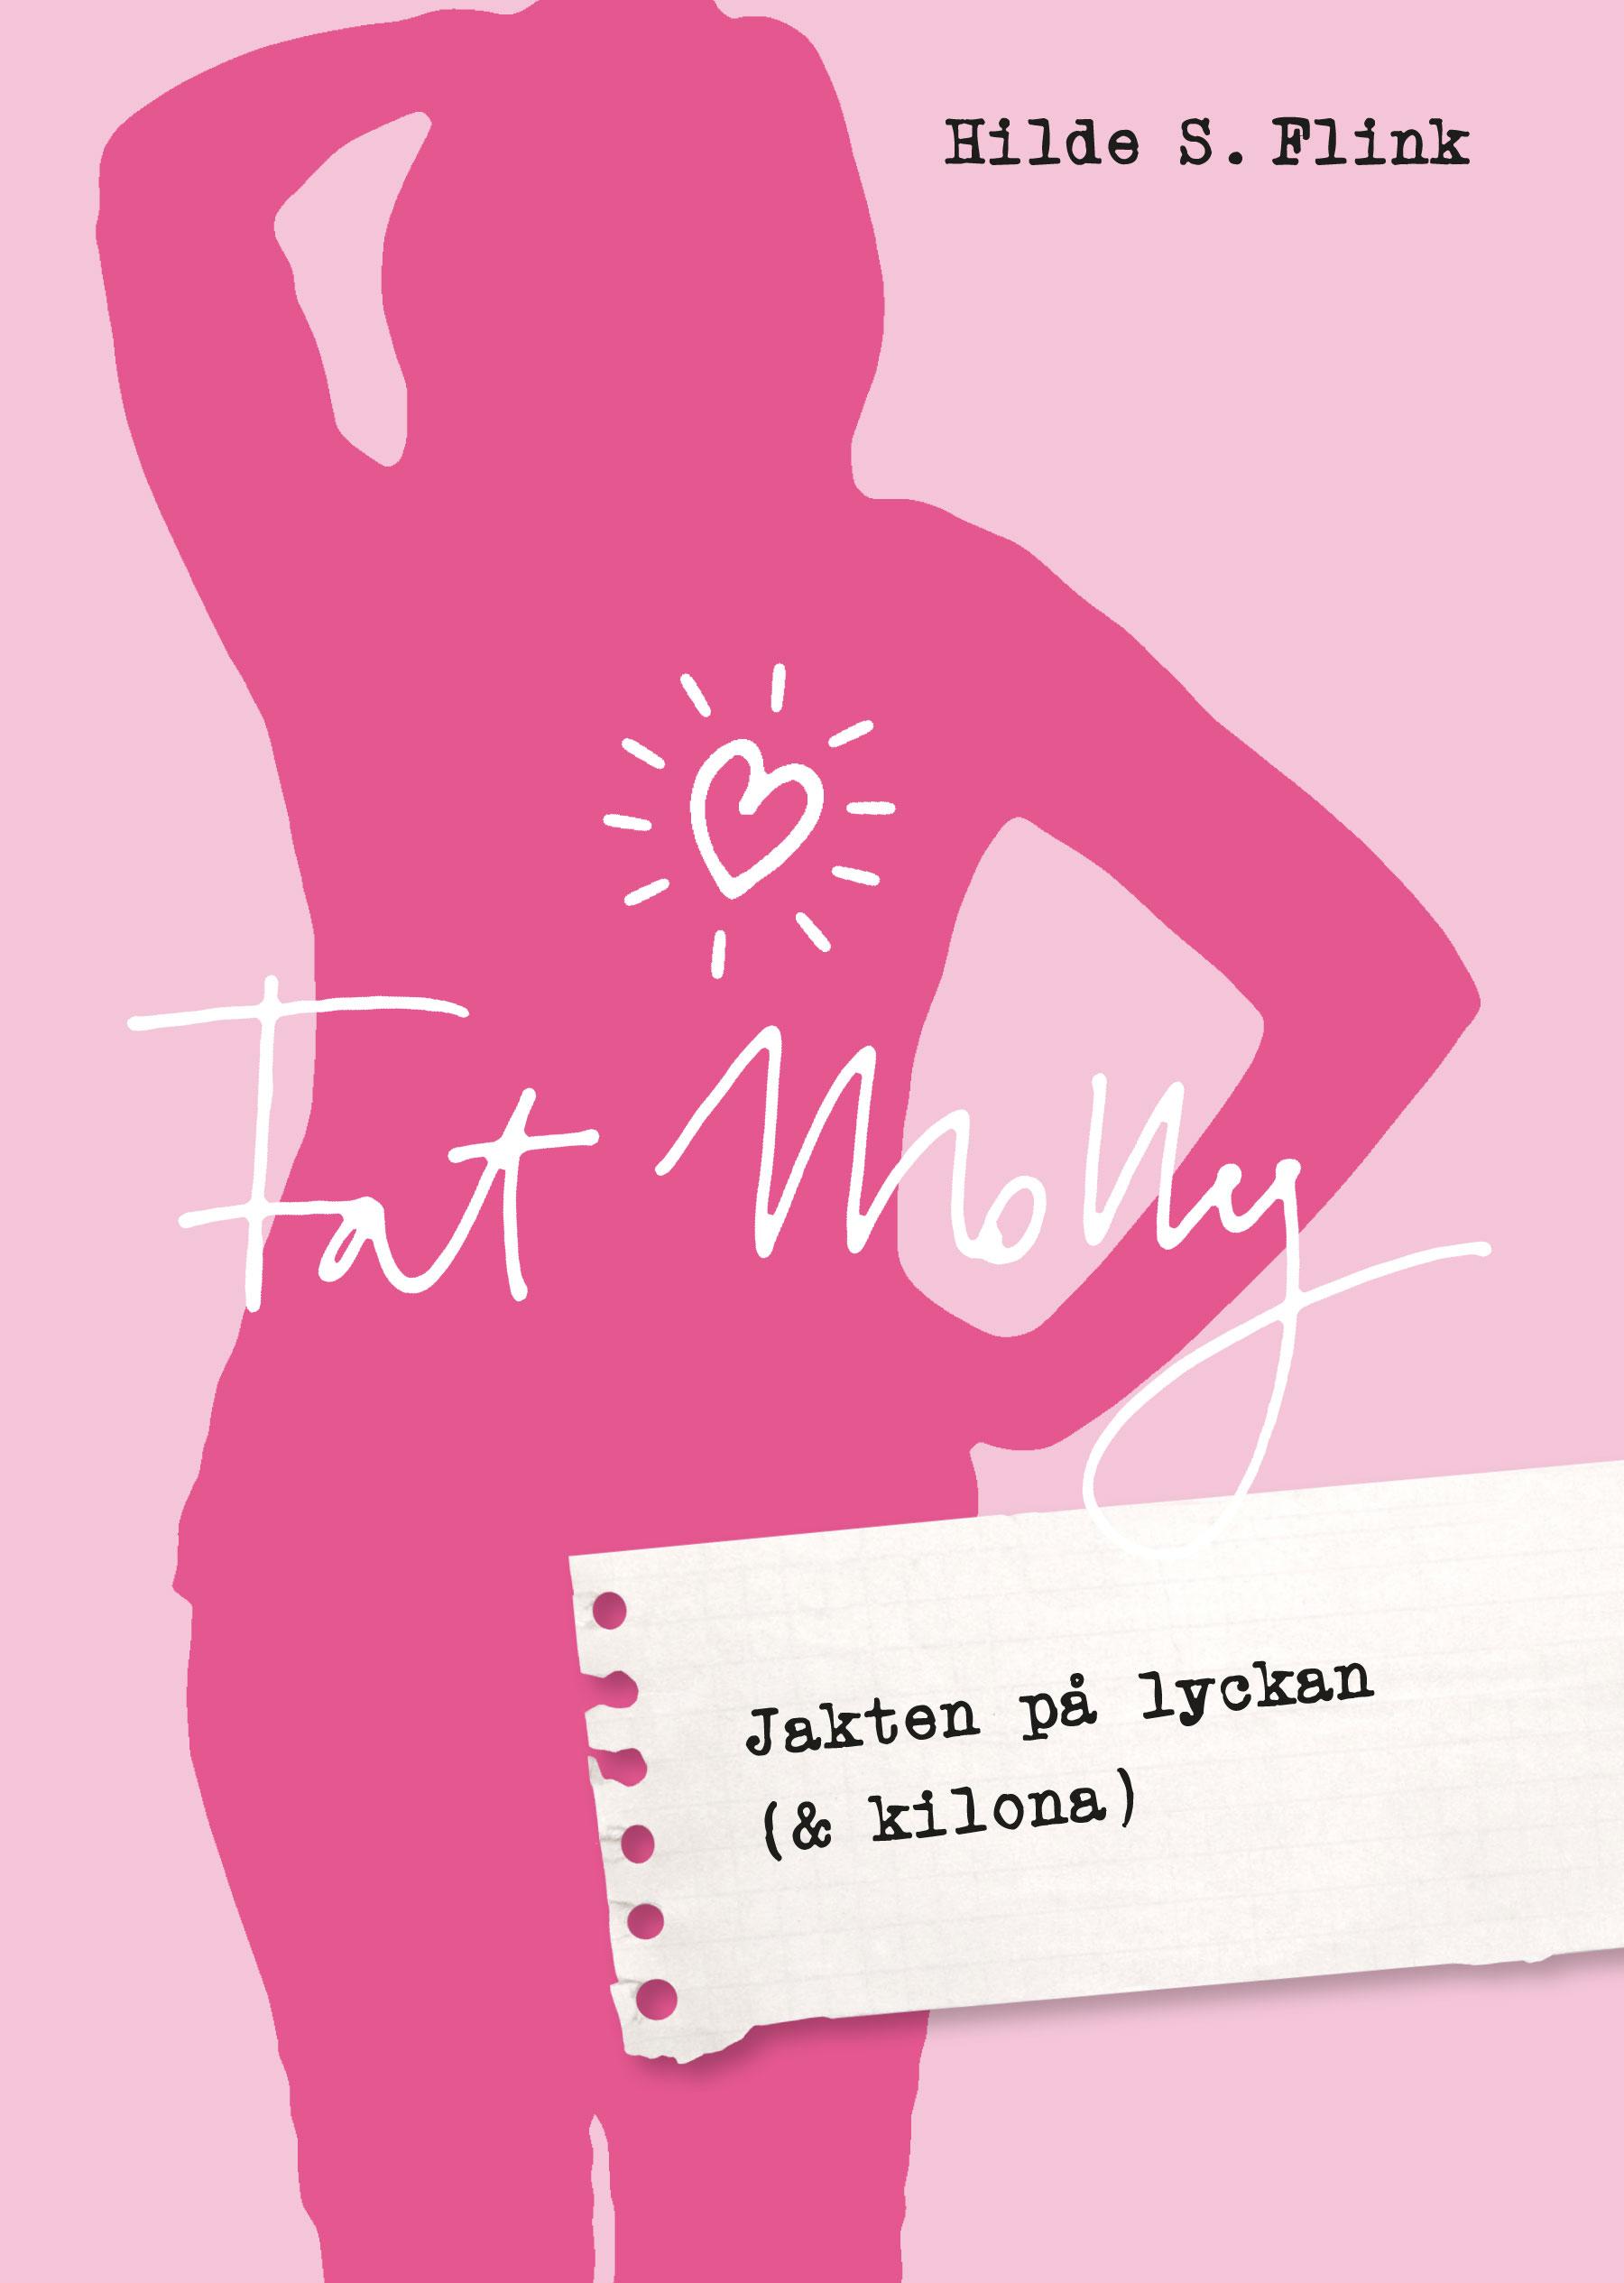 Fat Molly Jakten på lyckan (& kilona) av Hilde Schjölberg Flink